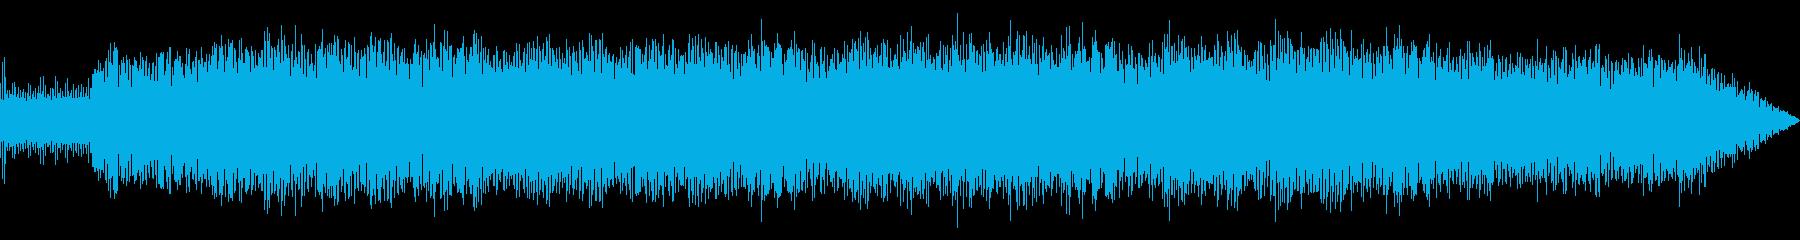 緊迫感のあるテクノポップの再生済みの波形